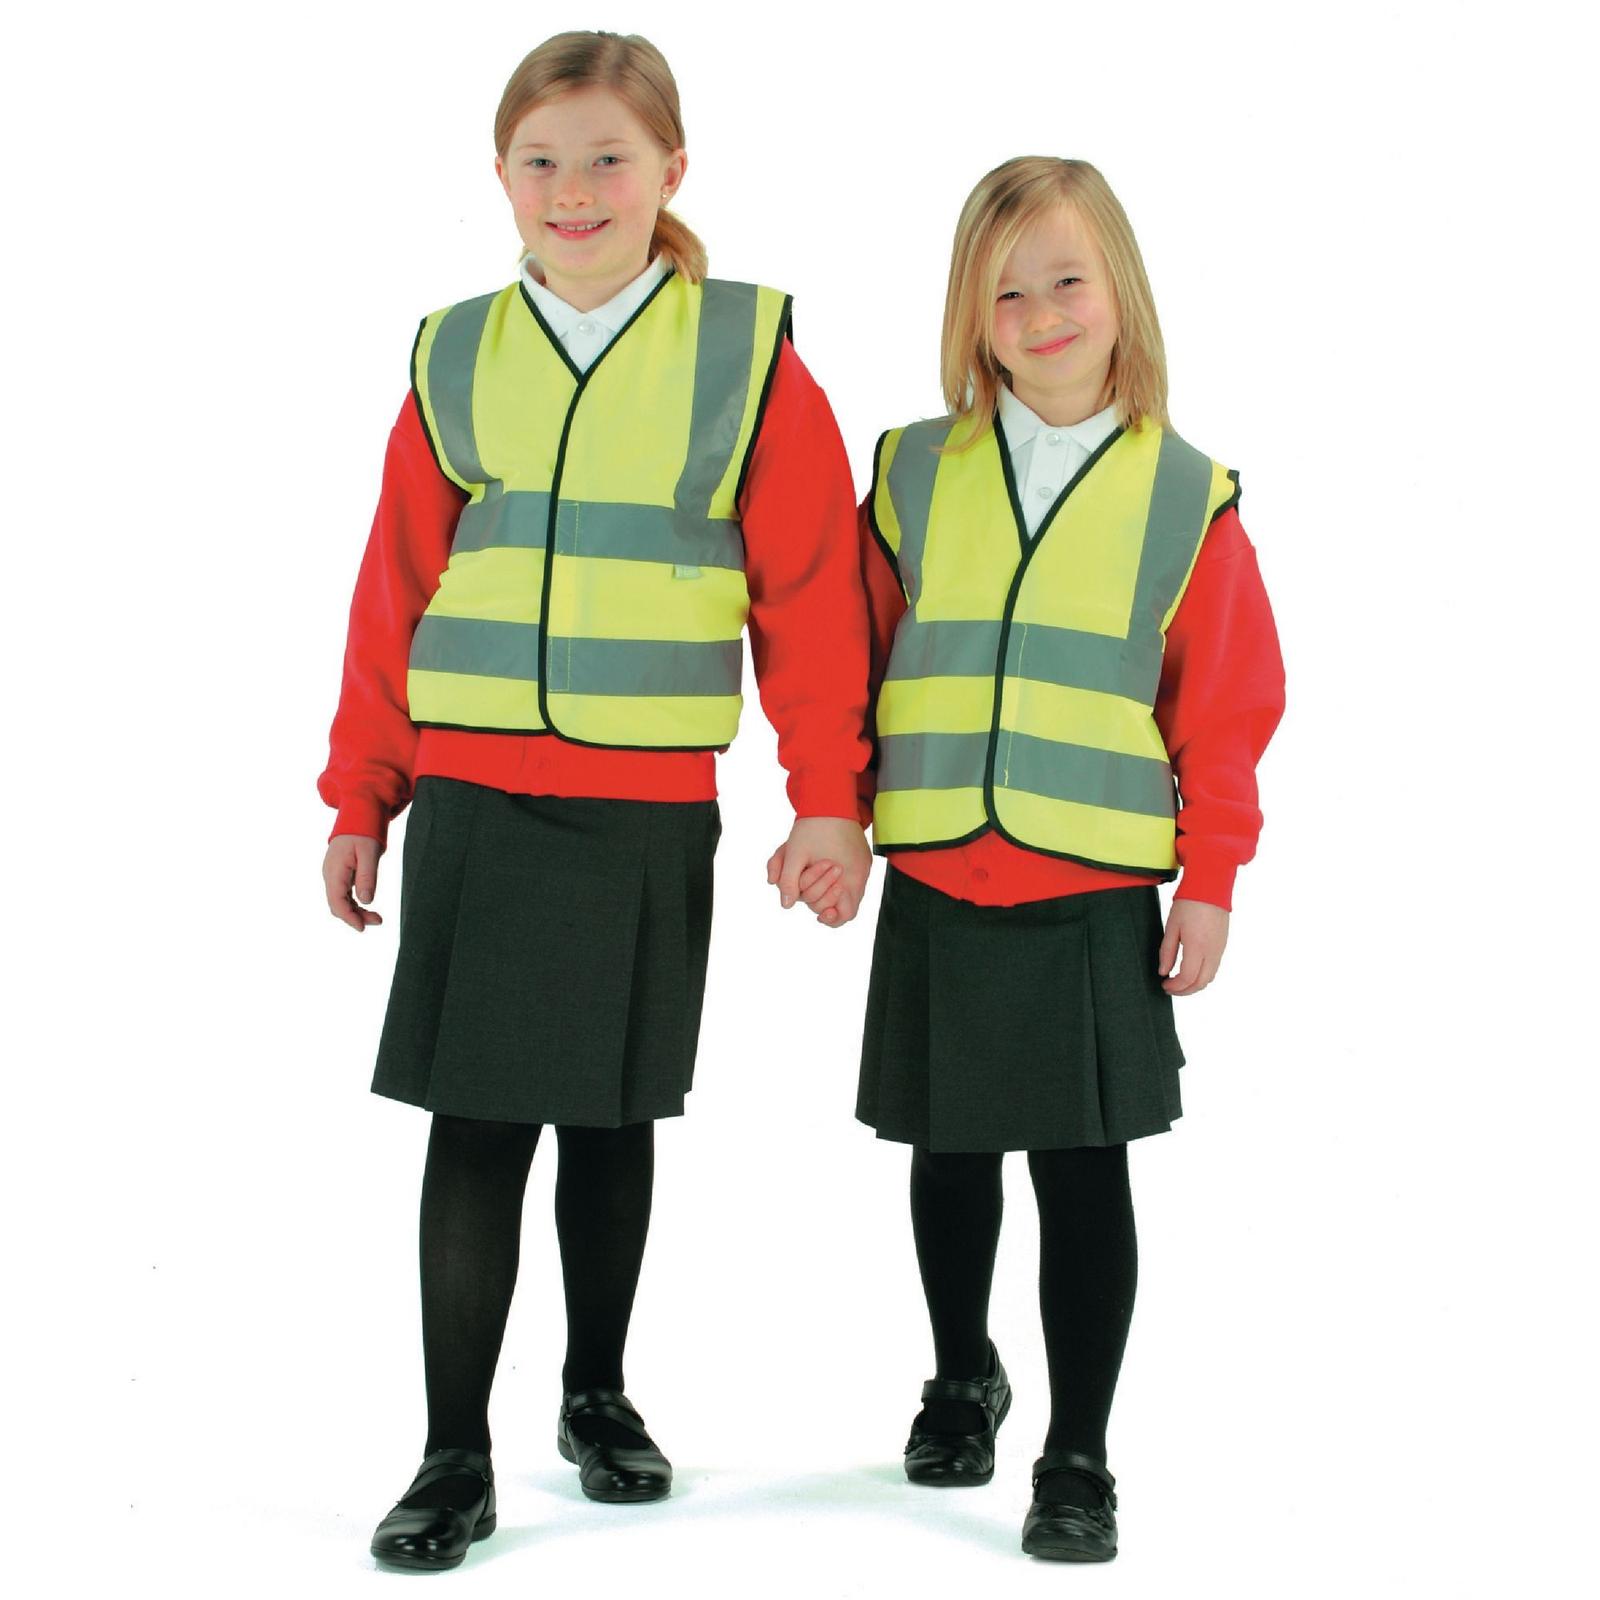 Children's High Visibility Waistcoat - 4-6 Years